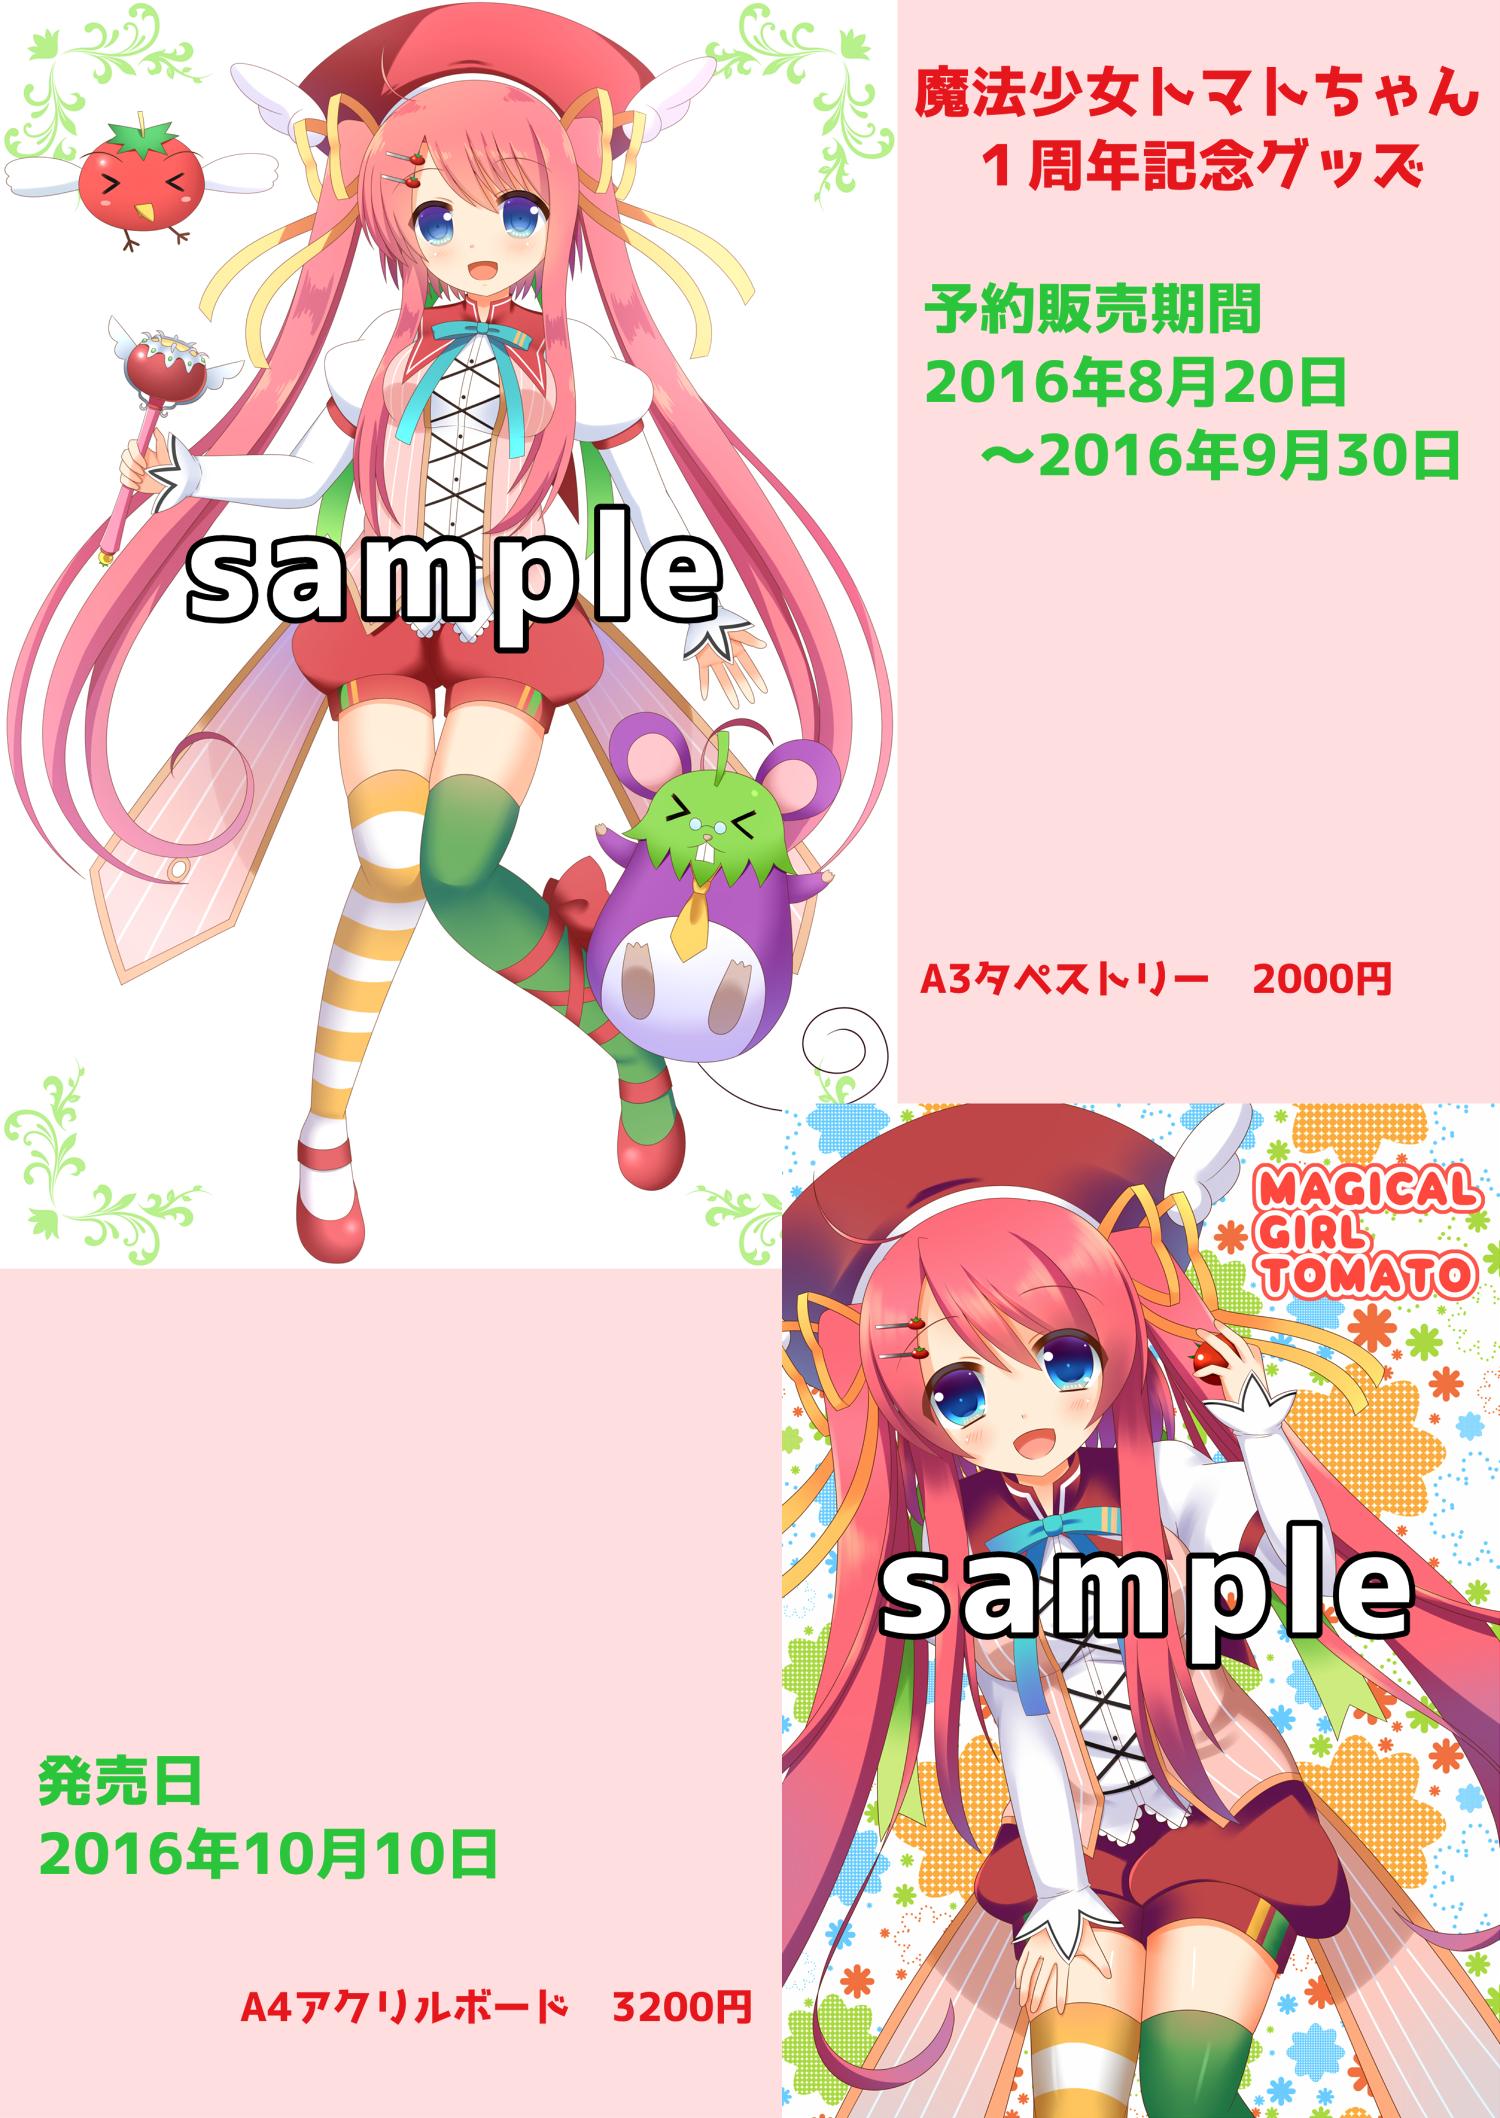 tomatochan02_goods_reservation_blog.png